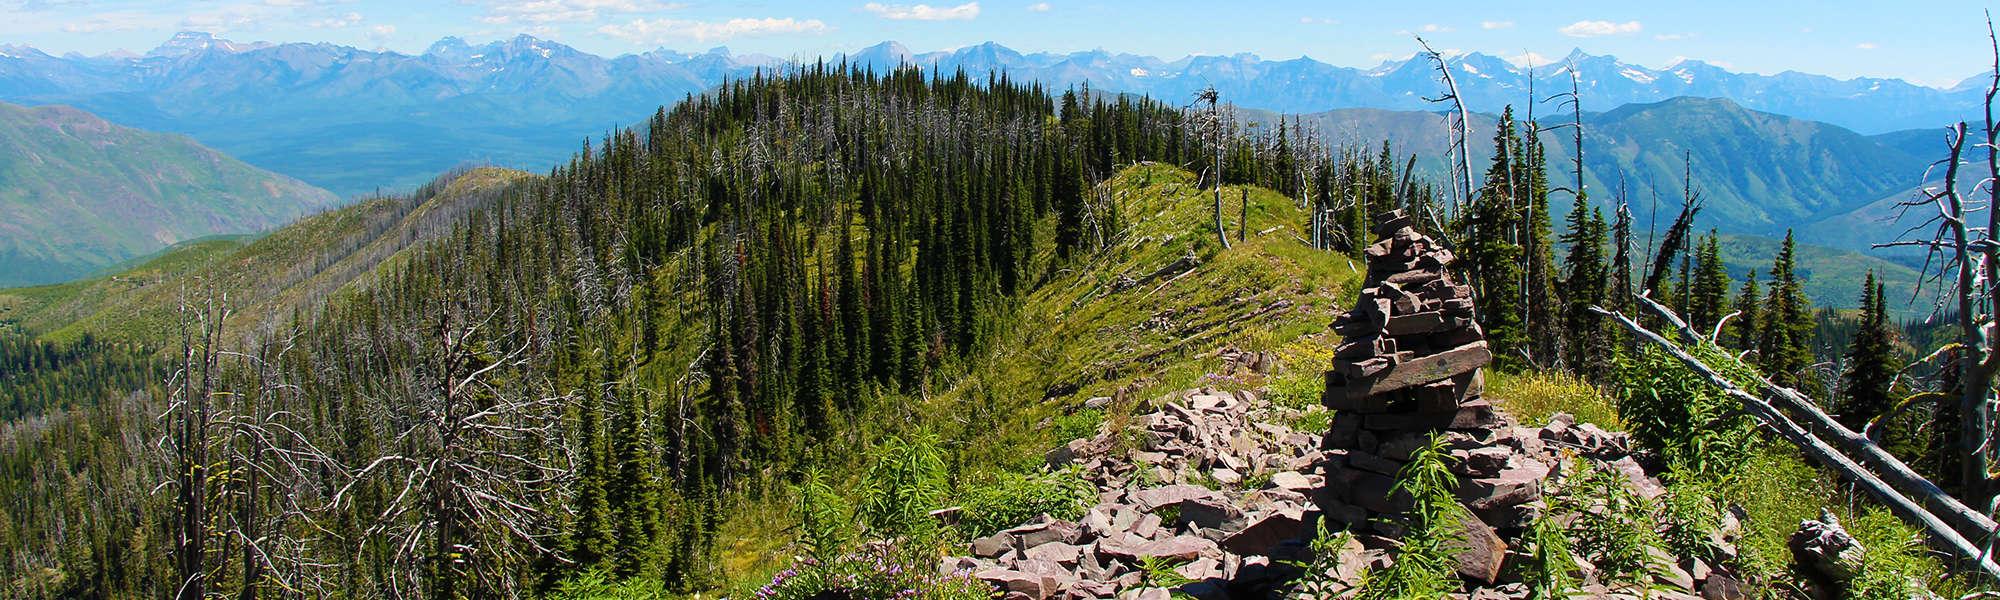 free-camping-glacier-national-park-standard-peak-hike-vlog-5